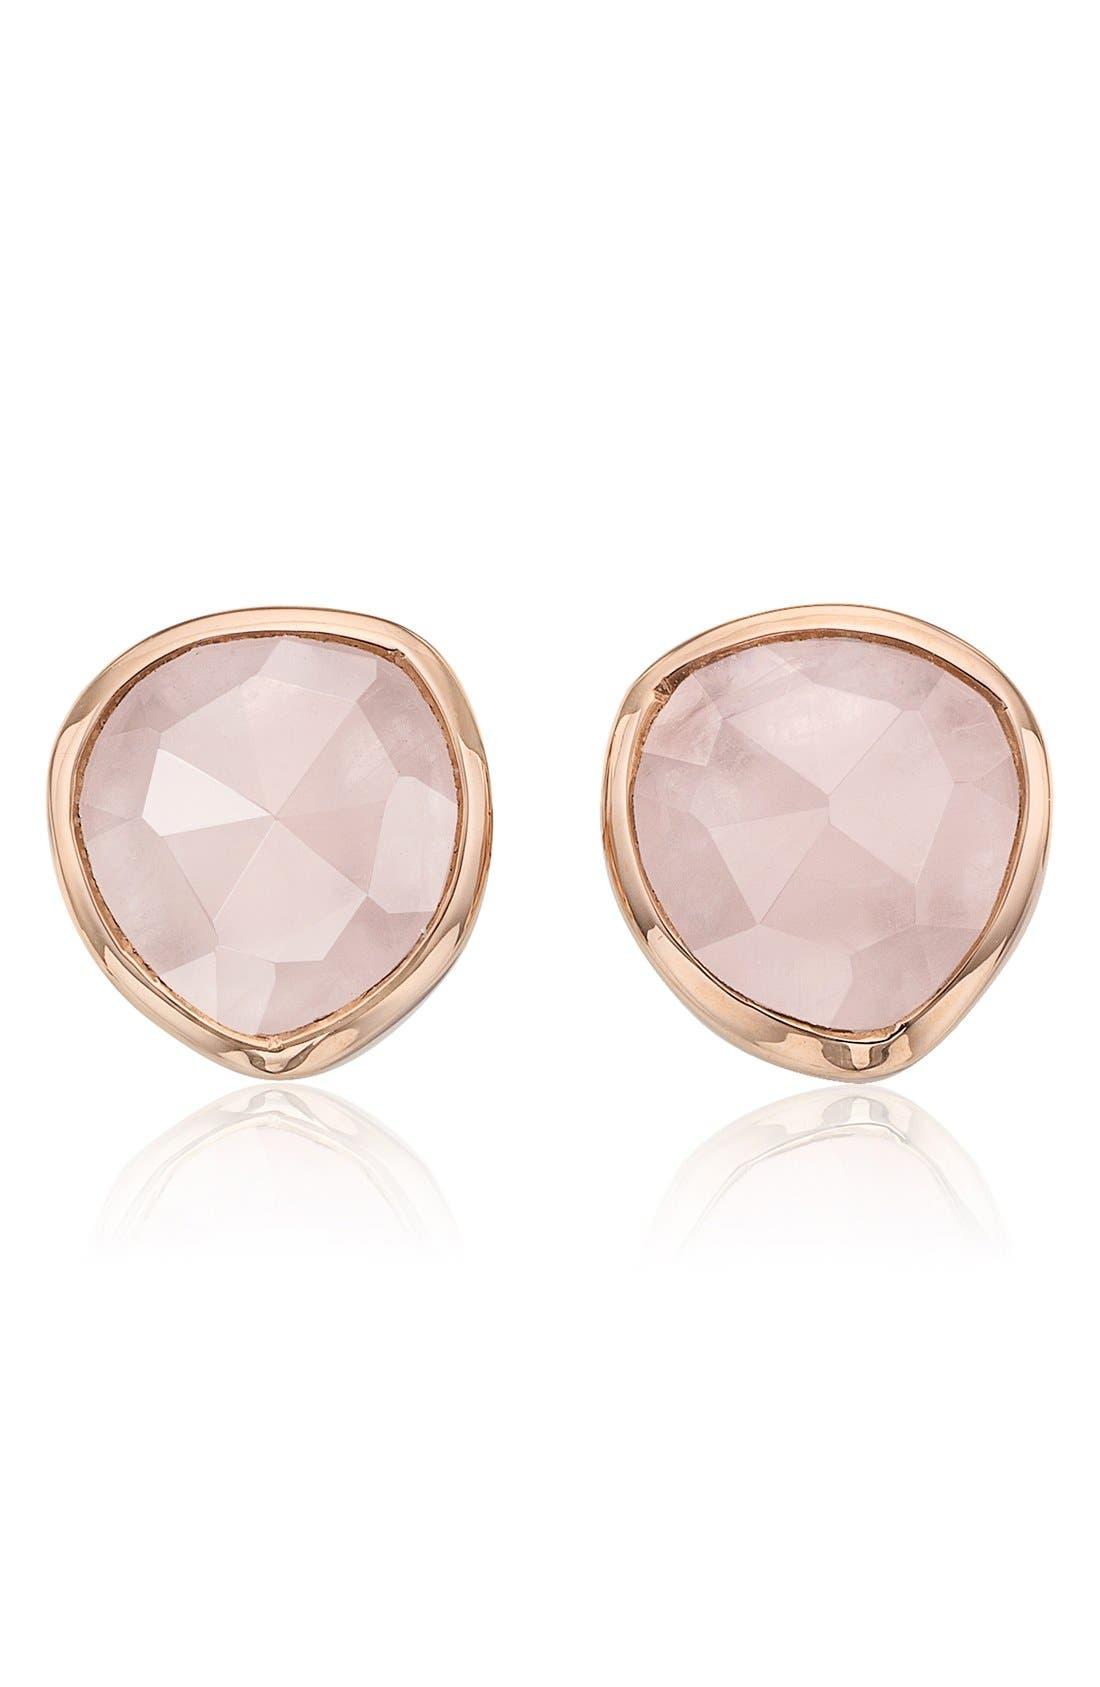 Monica Vinader 'Siren' Semiprecious Stone Stud Earrings (Nordstrom Exclusive)